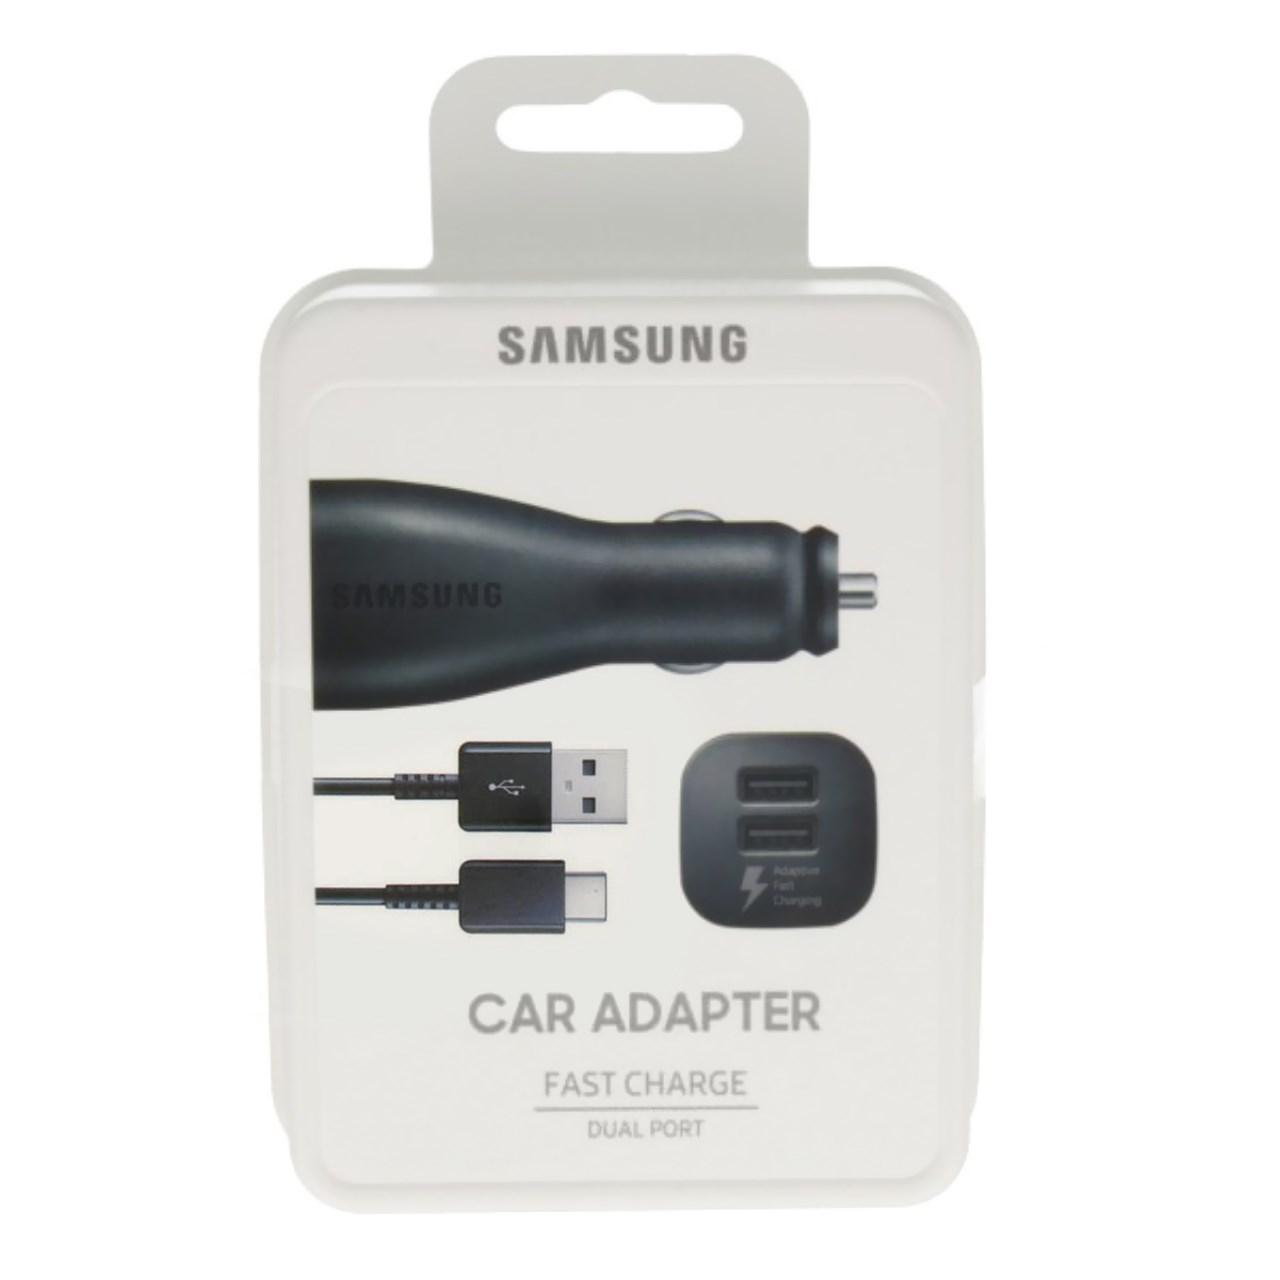 شارژر فندکی مدل EP-LN920BBEGWW همراه با کابل USB-C                     غیر اصل